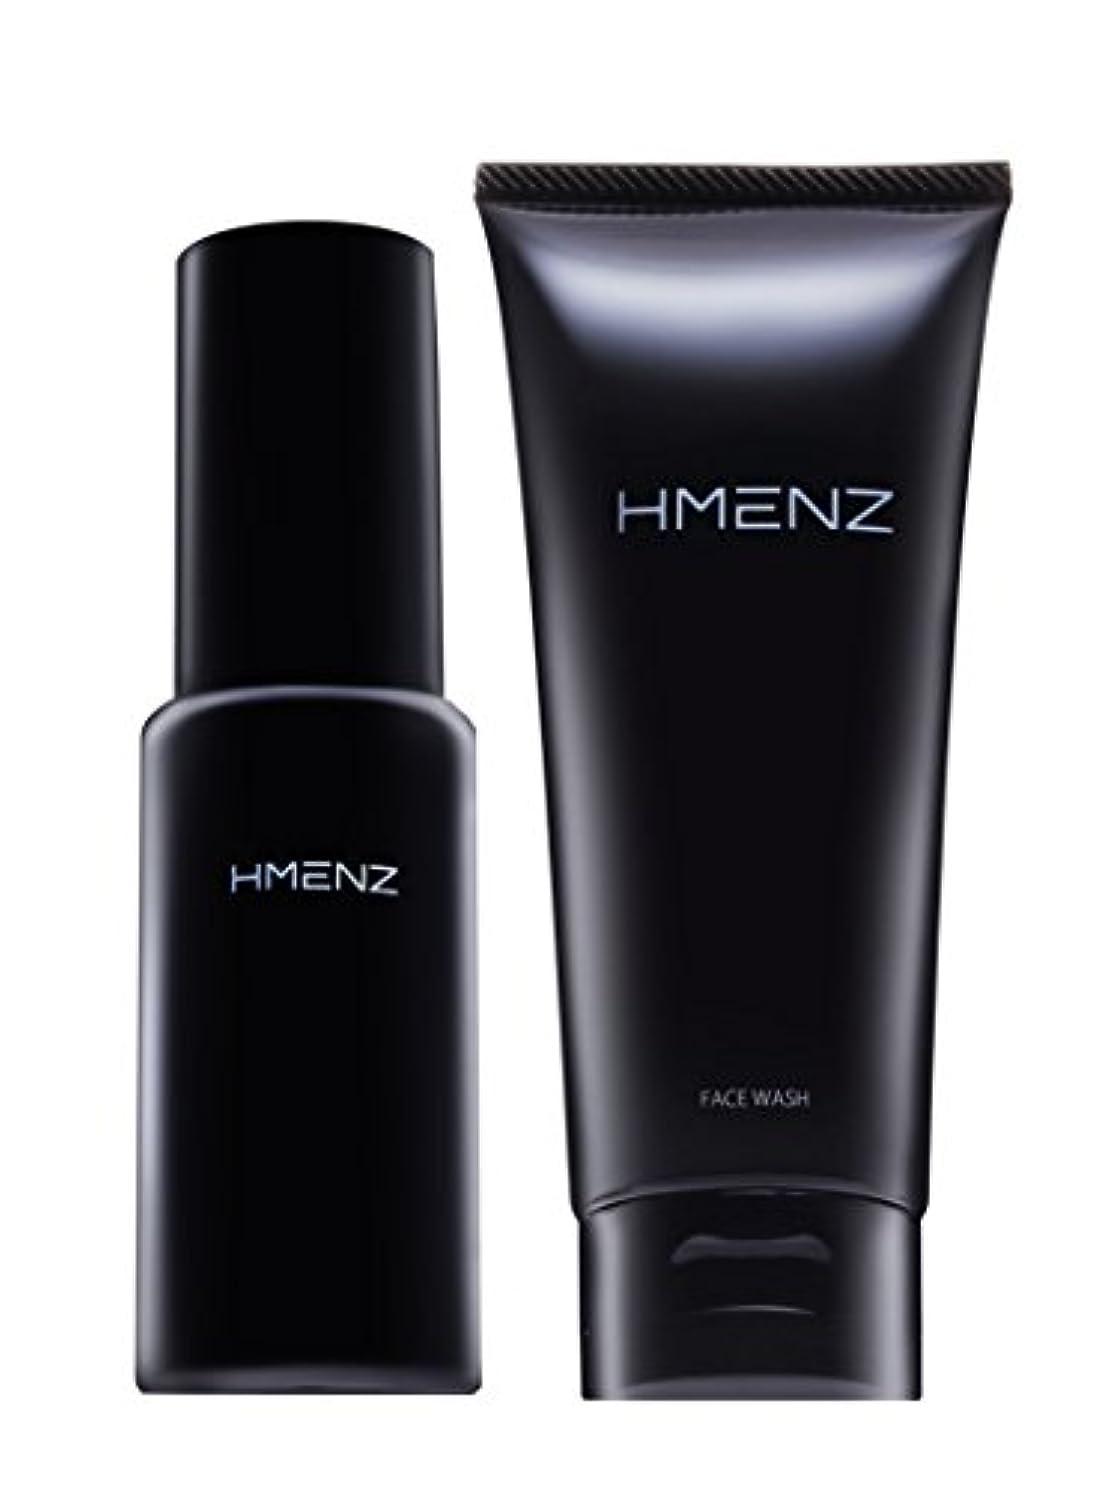 送るリレーハンディキャップ医薬部外品【 スキンケア セット 】HMENZ メンズ 洗顔 & 美容液 乾燥肌 対策 保湿 (無添加 シミ対策 ニキビ対策 エイジングケア) 洗顔 オールインワン ジェル 100g&50ml